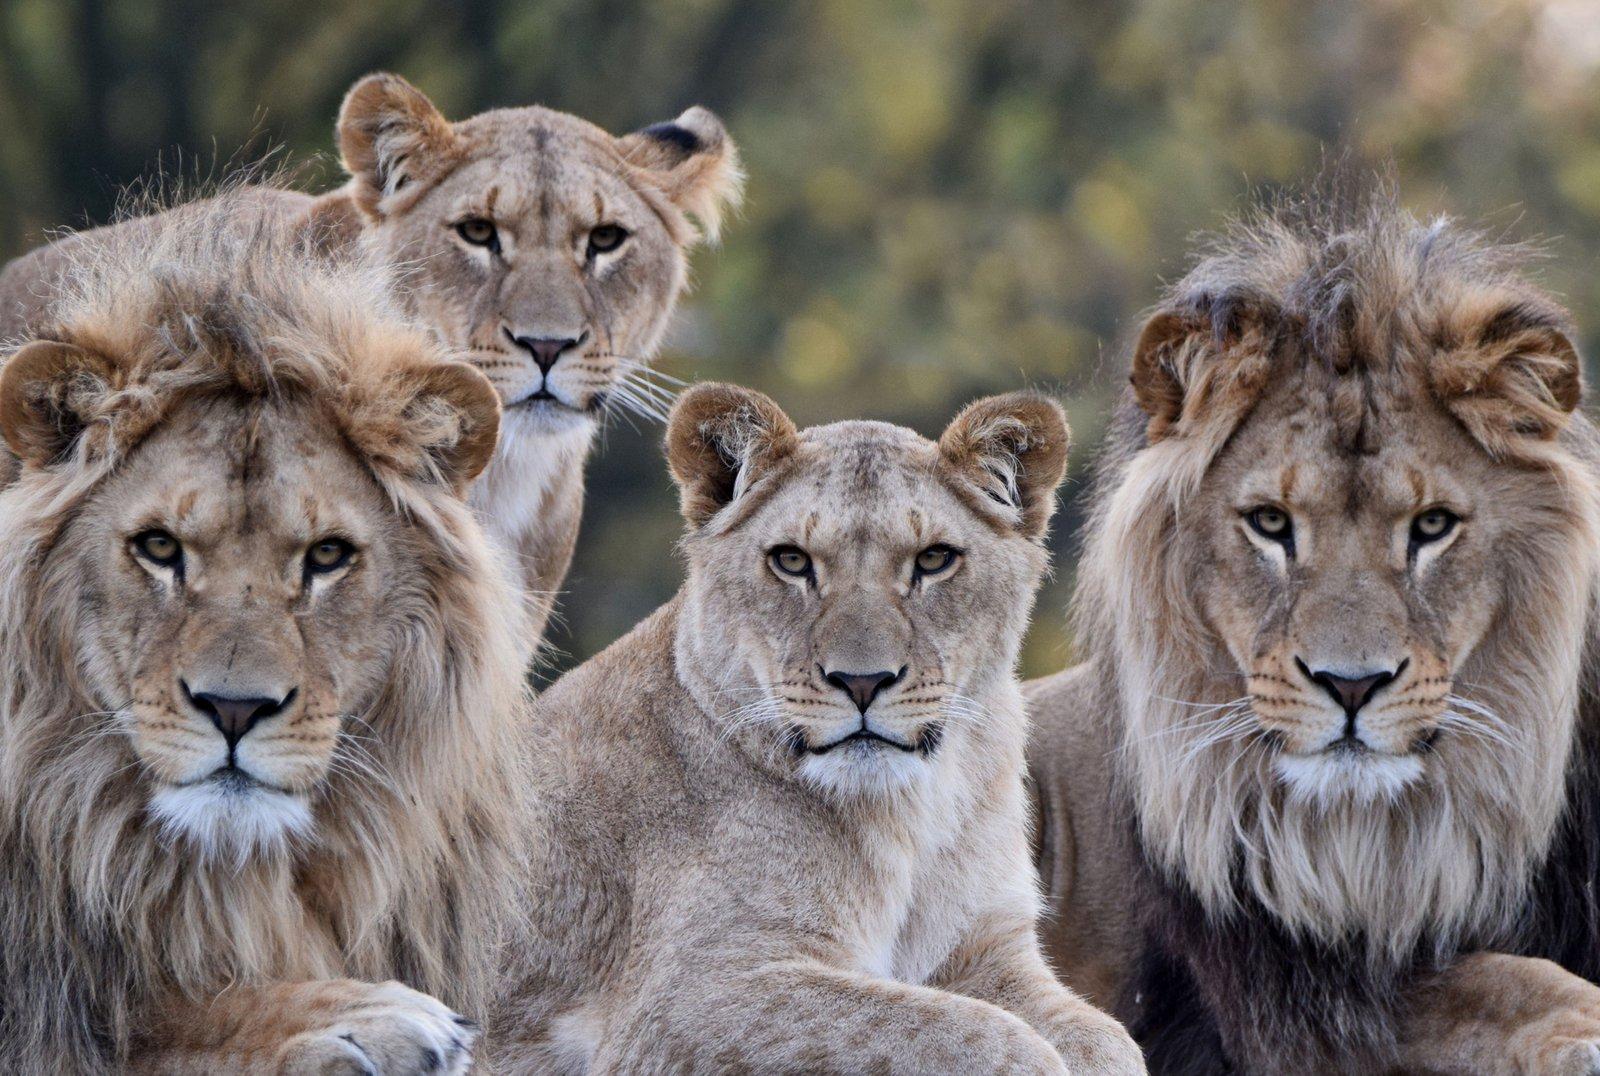 Leeuw beekse bergen - Tafel leeuw ...